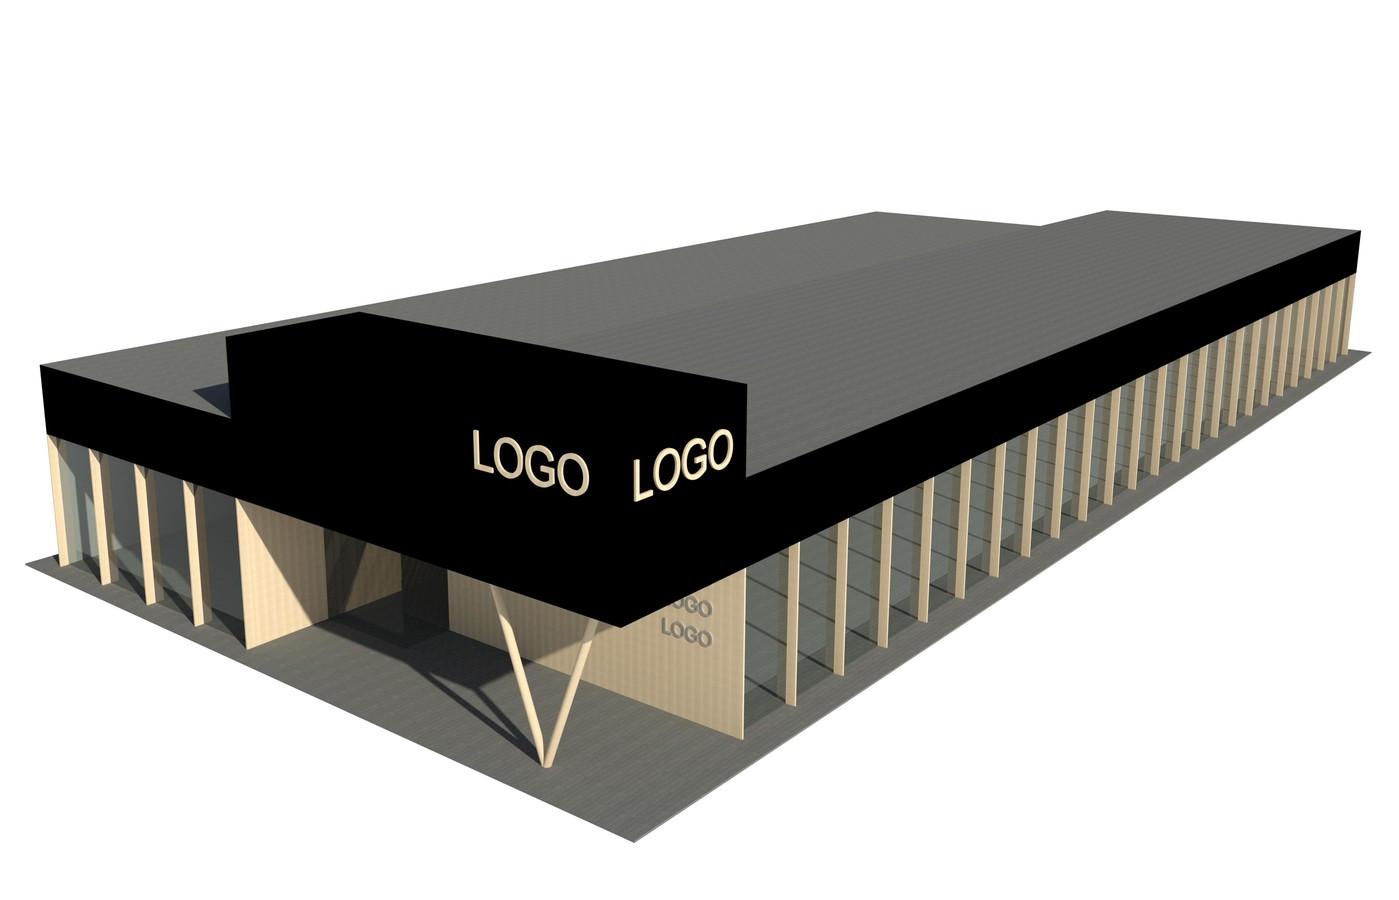 Prekybos, komercinių pastatų projektavimas